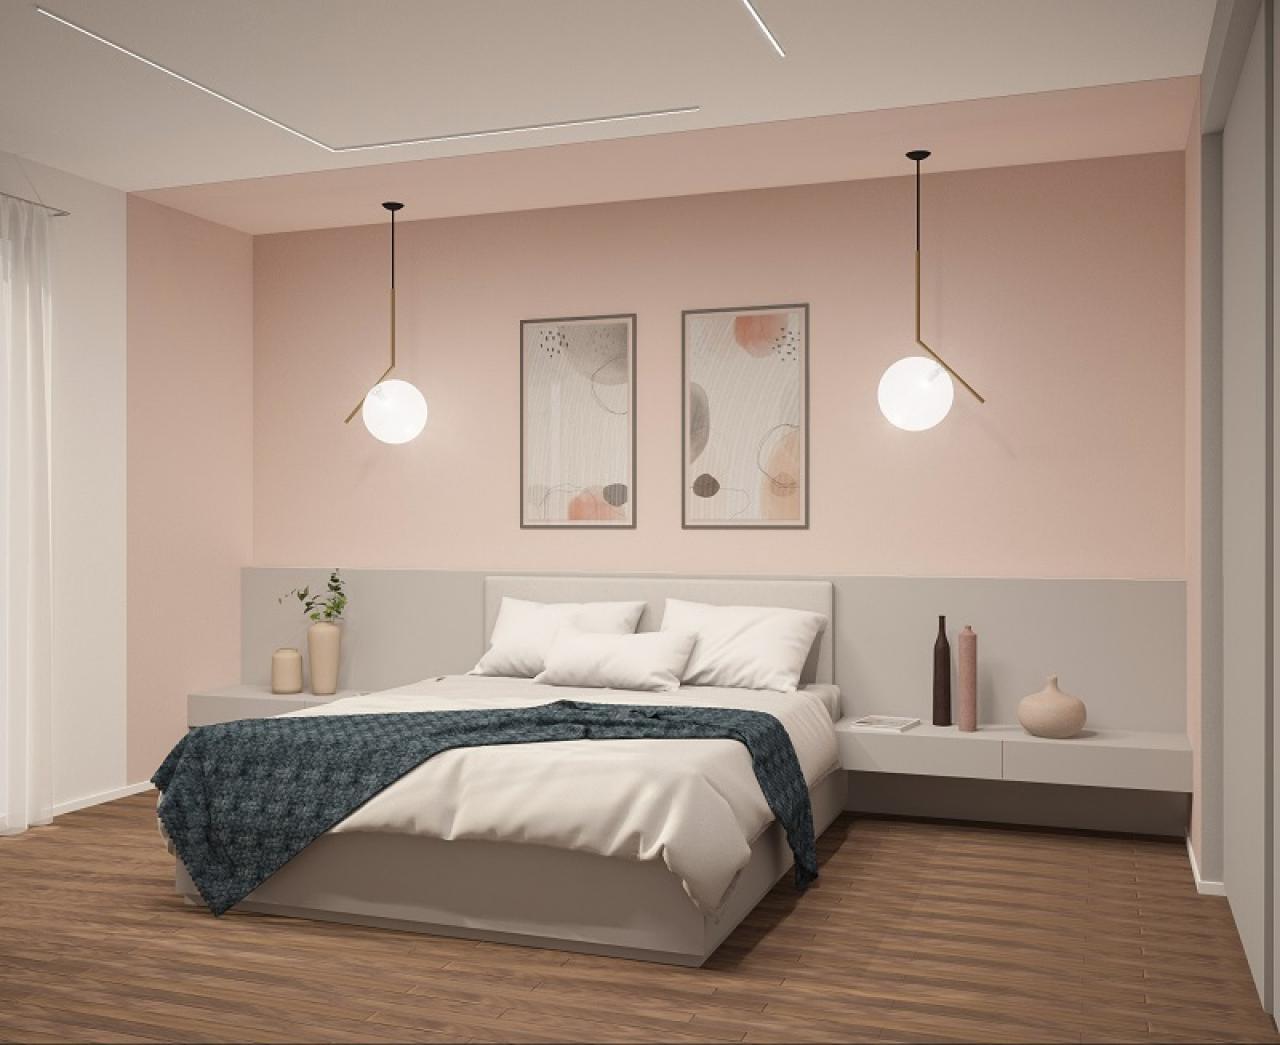 Idee Camere Da Letto Moderne camere da letto moderne | fratelli pellizzari